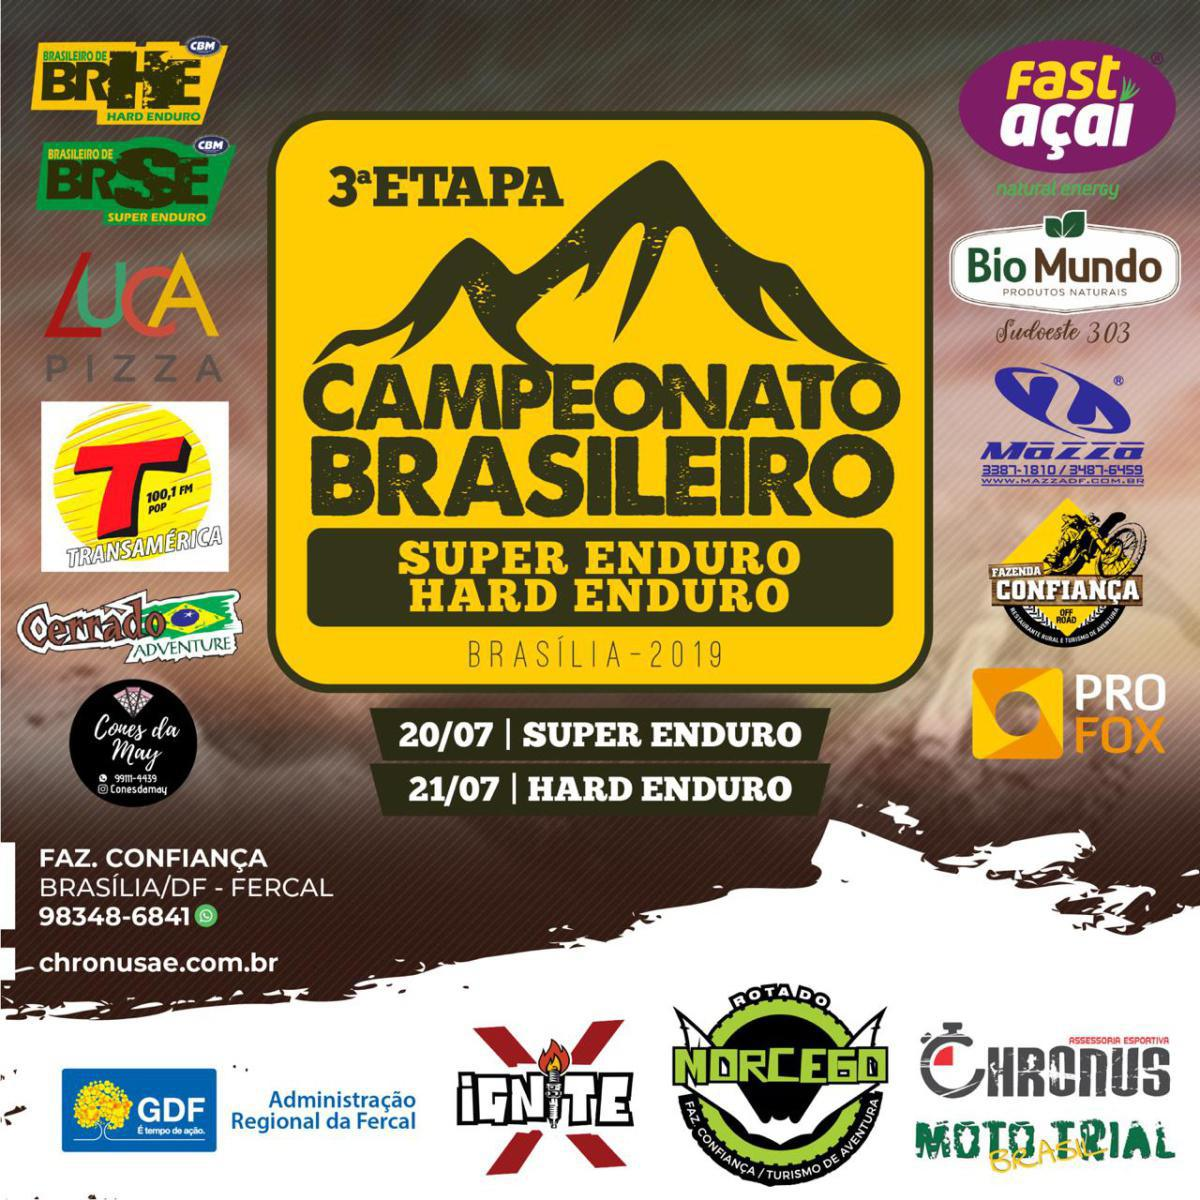 3ª etapa do Campeonato Brasileiro Super e Hard Enduro será em Brasília (DF)